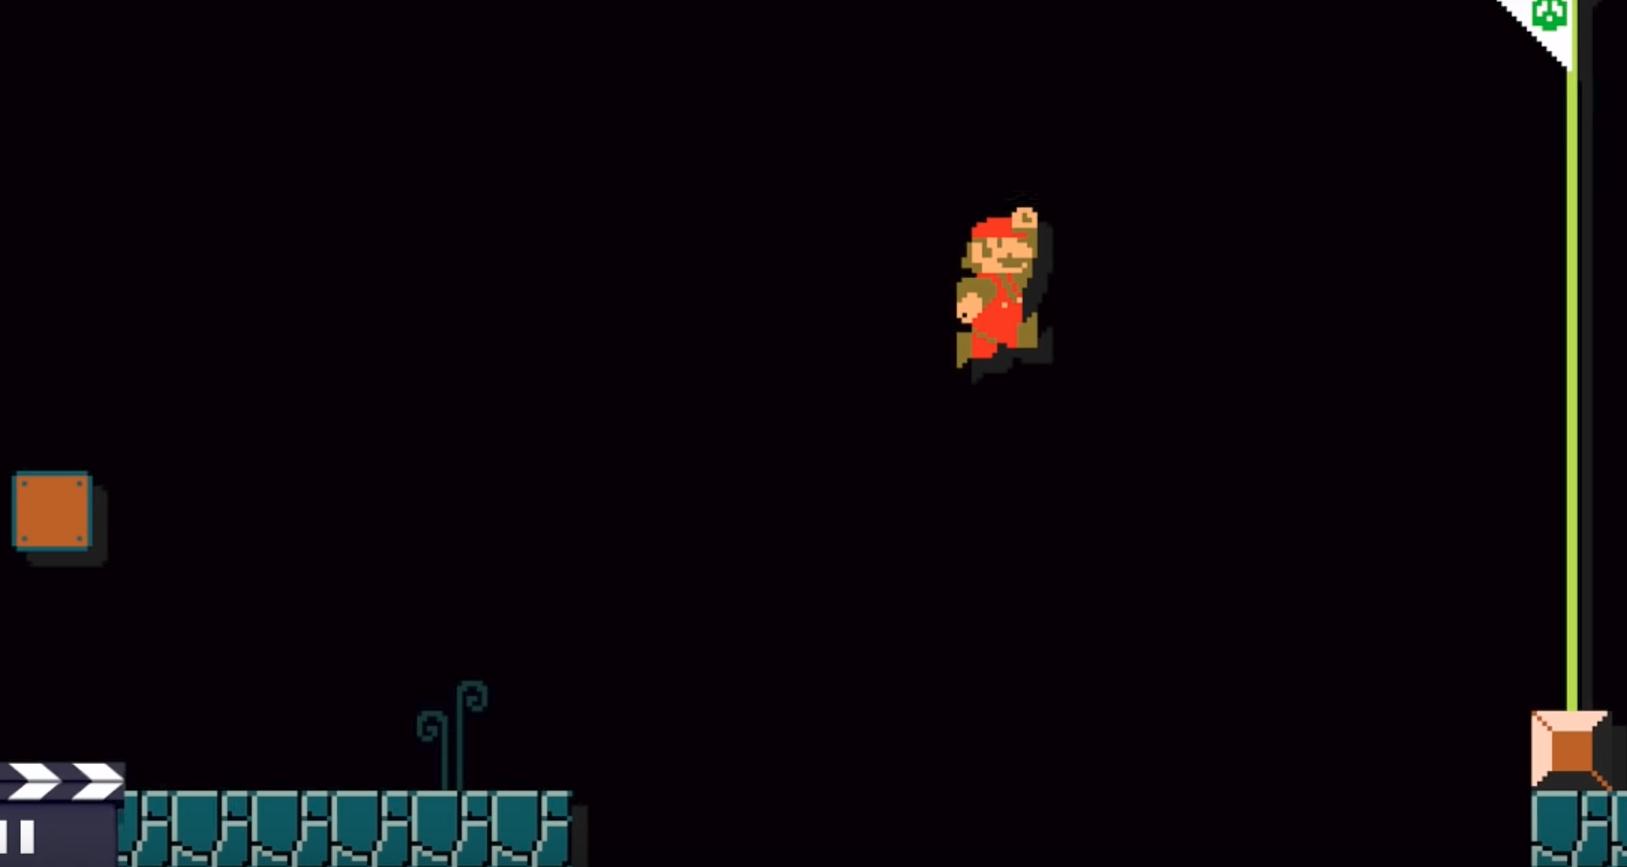 Возможно ли загрузить непроходимый уровень в Super Mario Maker? - 7